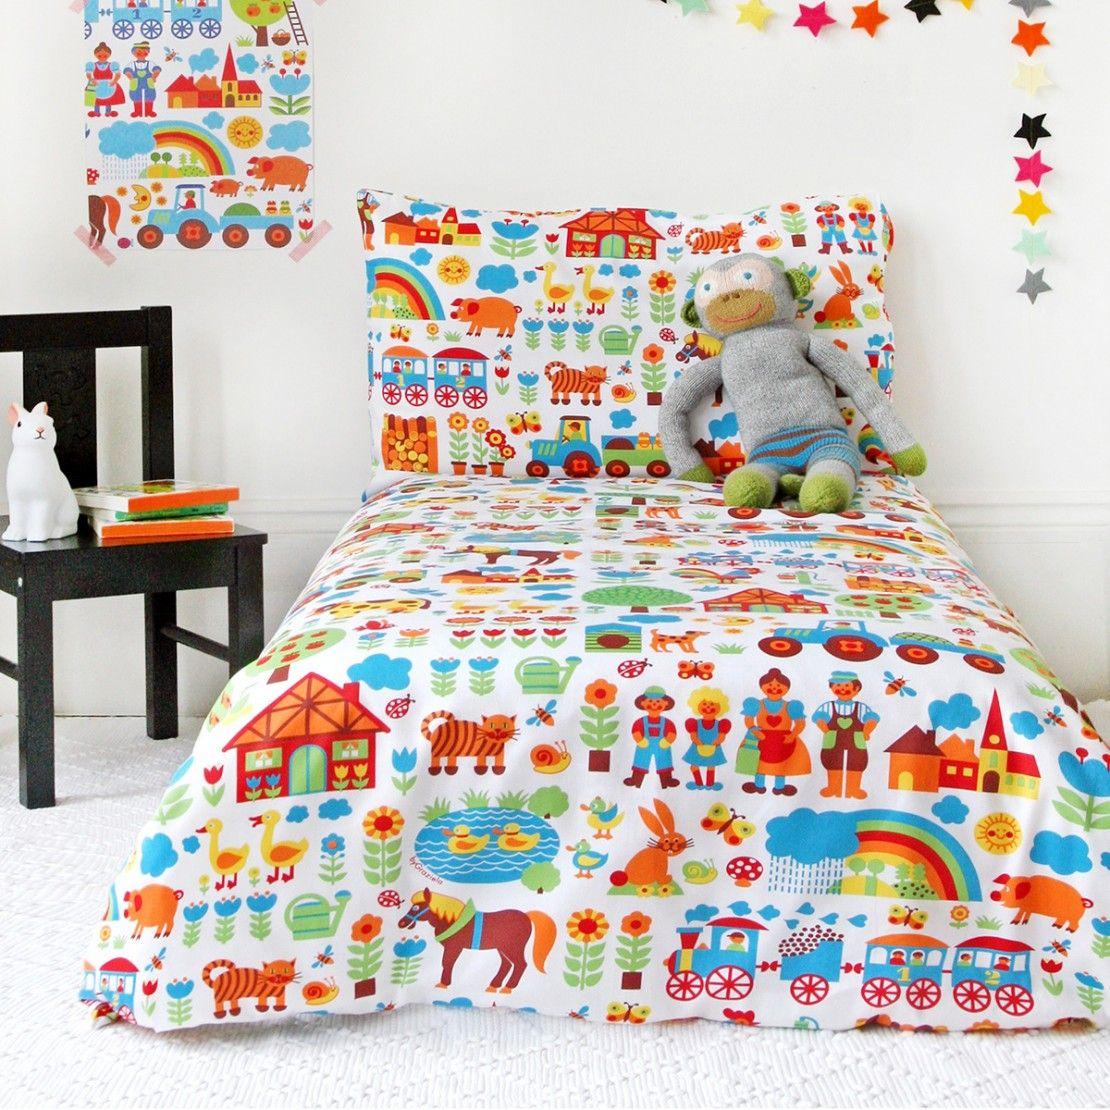 Kinderbettwäsche Bauernhof Kinderbettwäsche, Bettwäsche